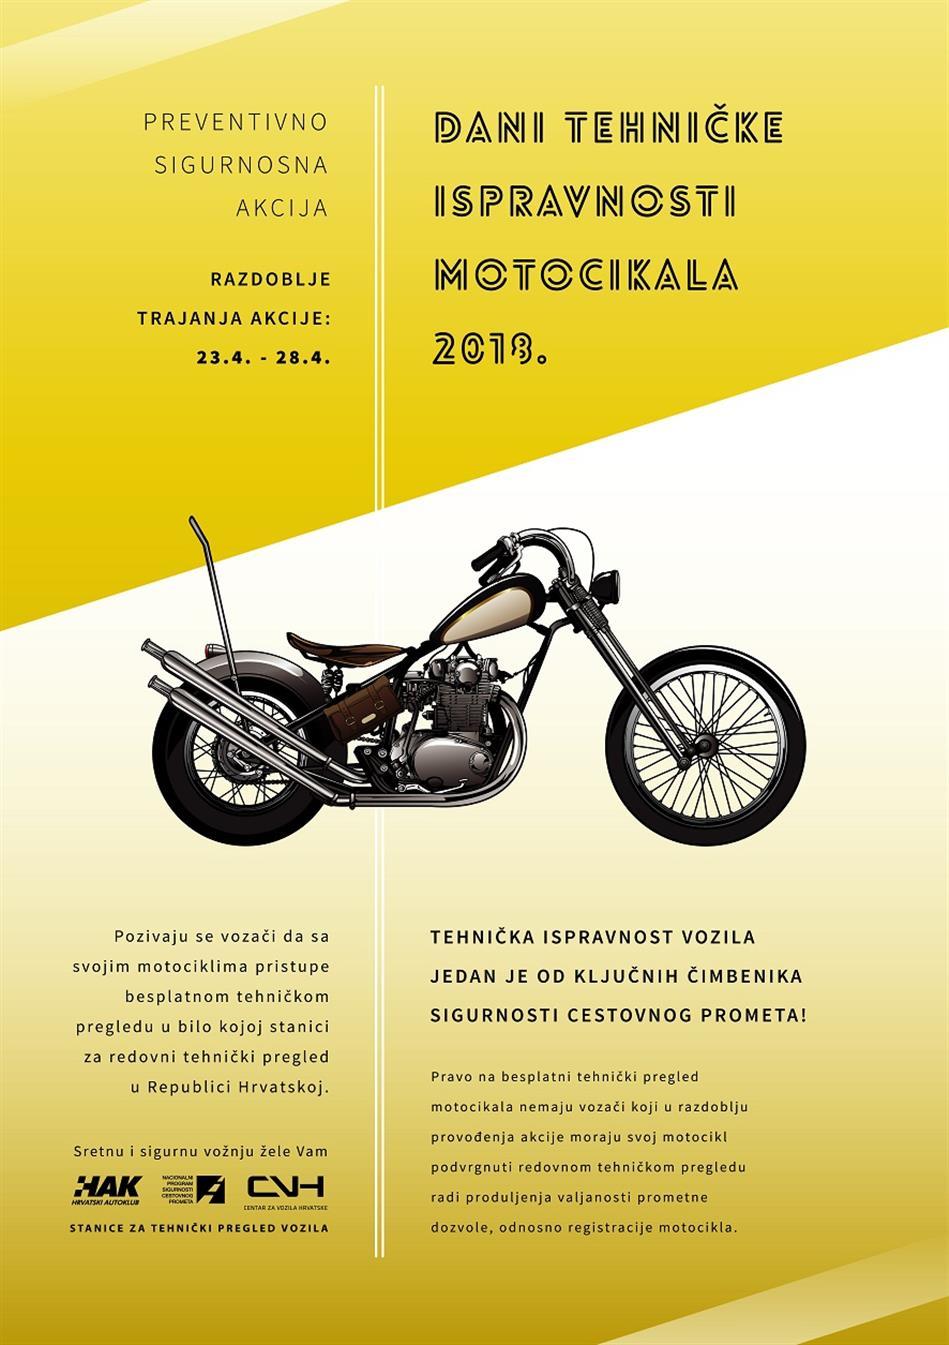 Dani tehničke ispravnosti motocikala 2018.